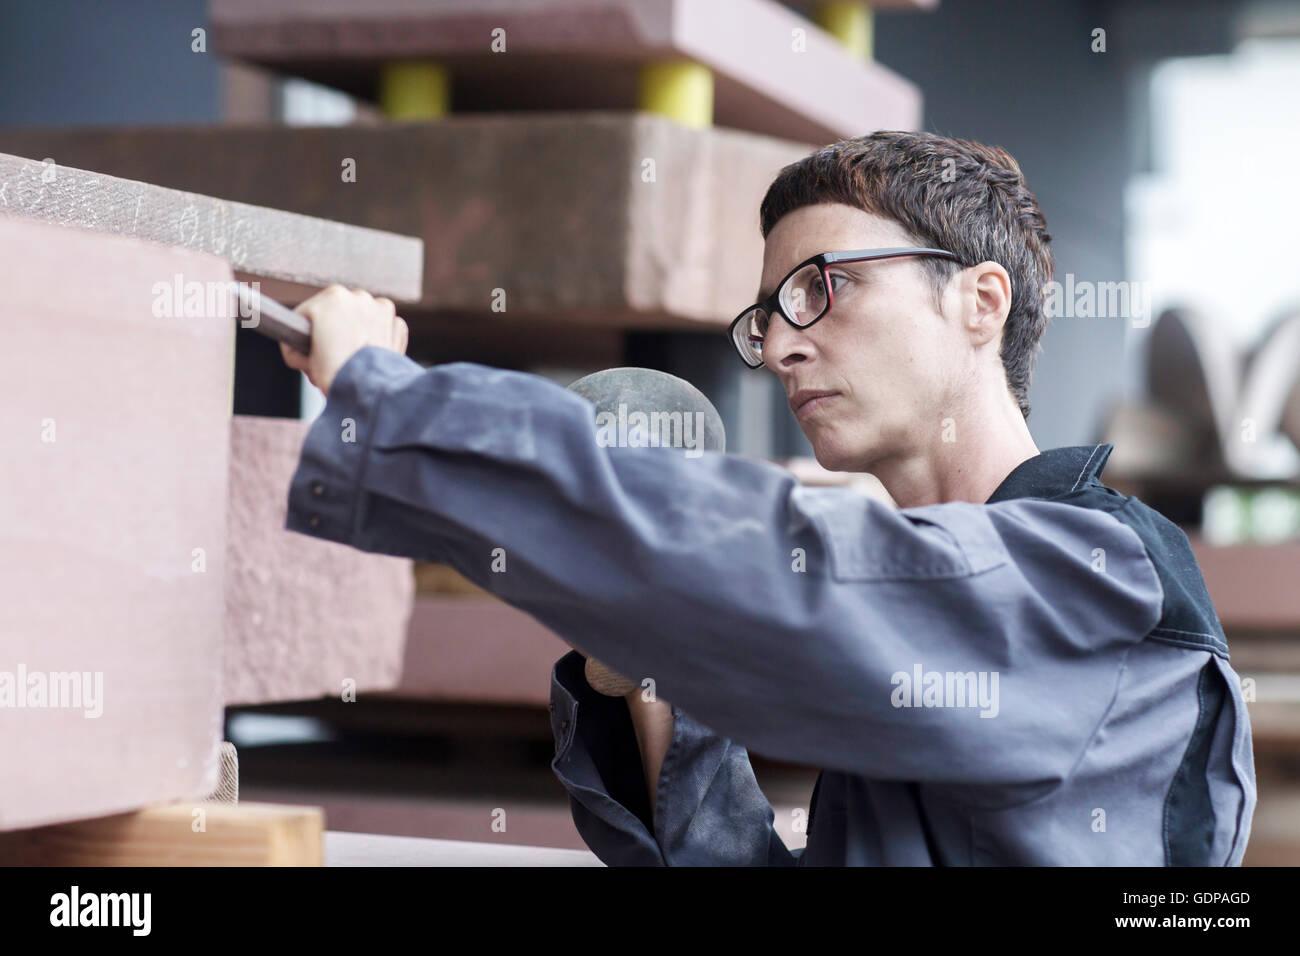 Tailleur de pierre à l'aide de ciseau et maillet sur bloc de pierre Photo Stock